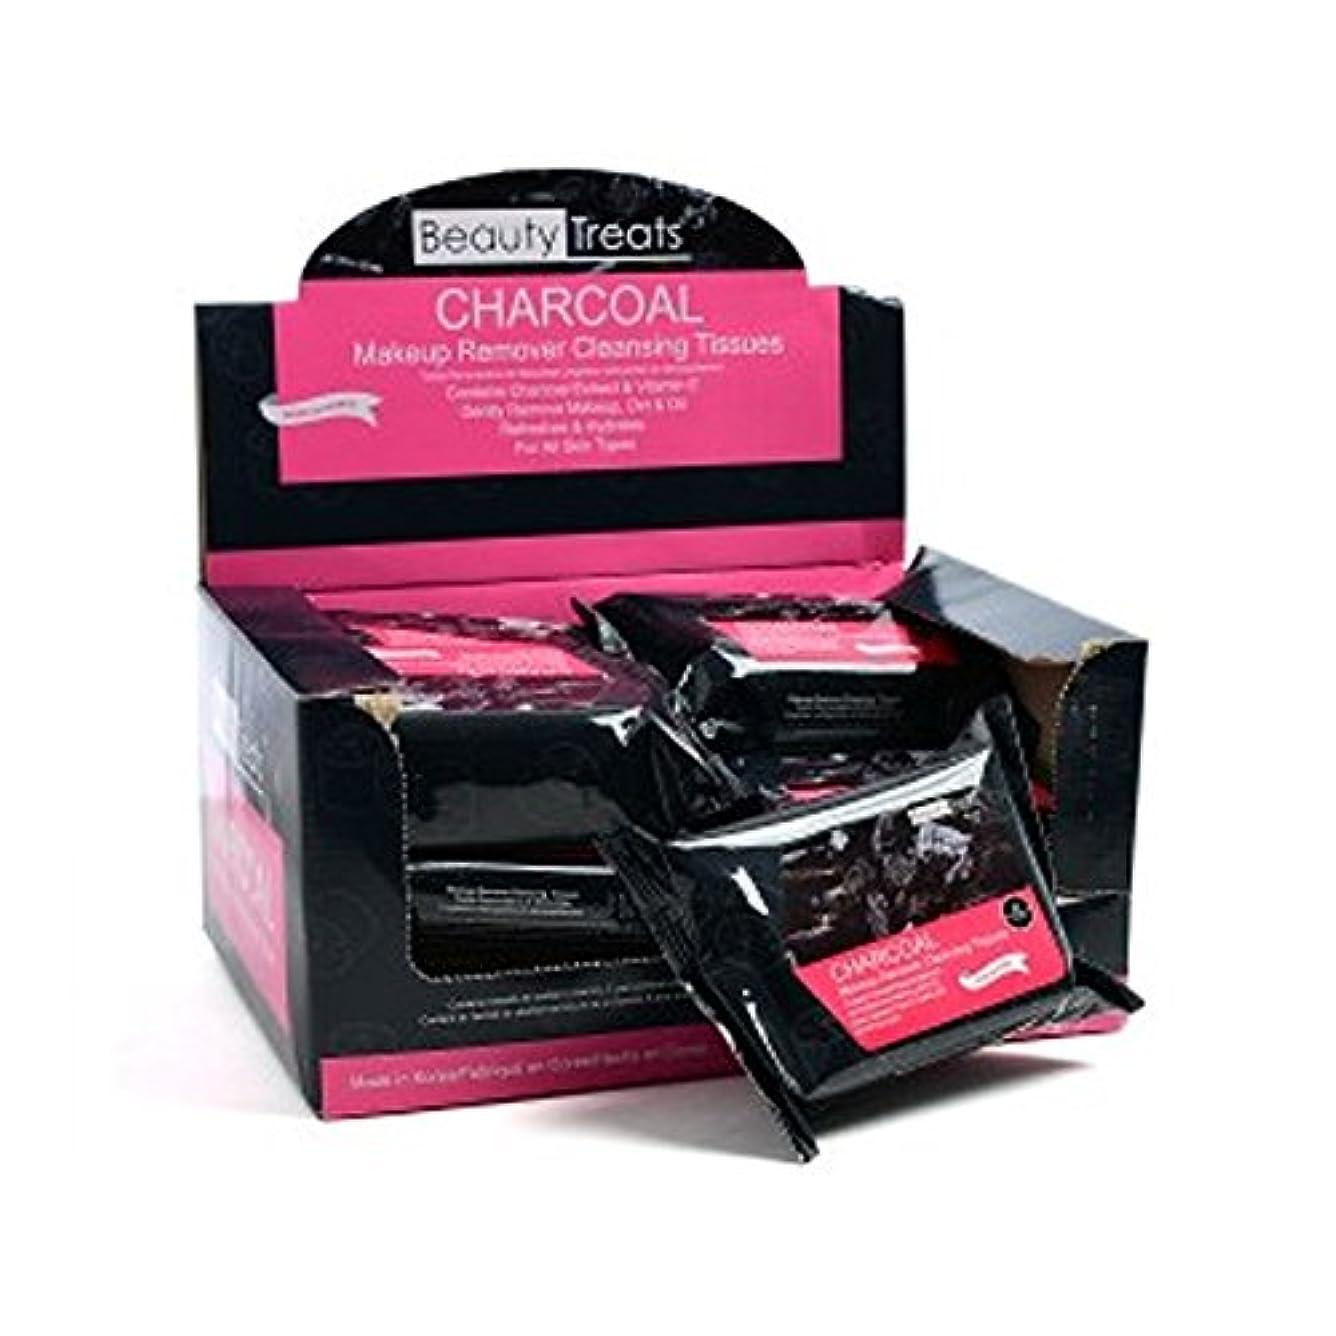 たまに物思いにふけるフィットBEAUTY TREATS Charcoal Makeup Remover Cleaning Tissues Display Set, 12 Pieces (並行輸入品)